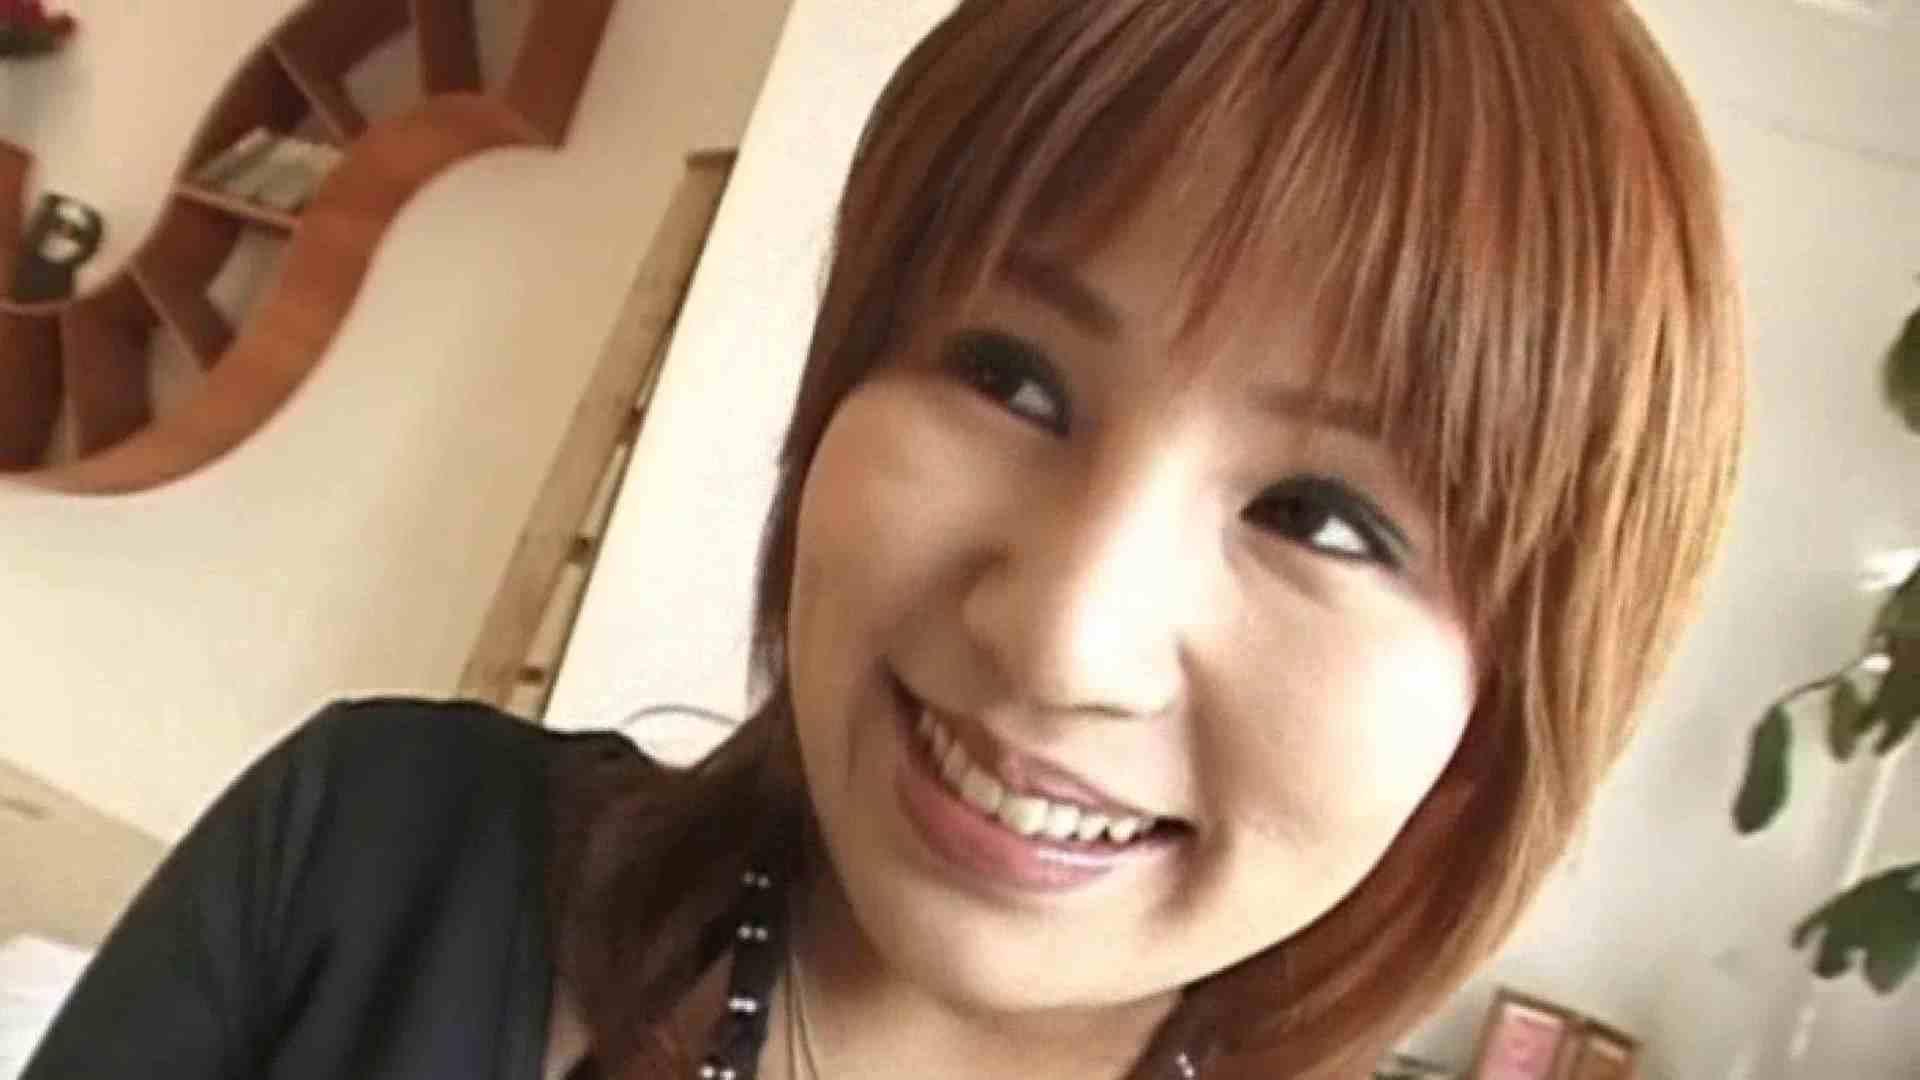 S級厳選美女ビッチガールVol.16 淫乱 すけべAV動画紹介 96pic 3